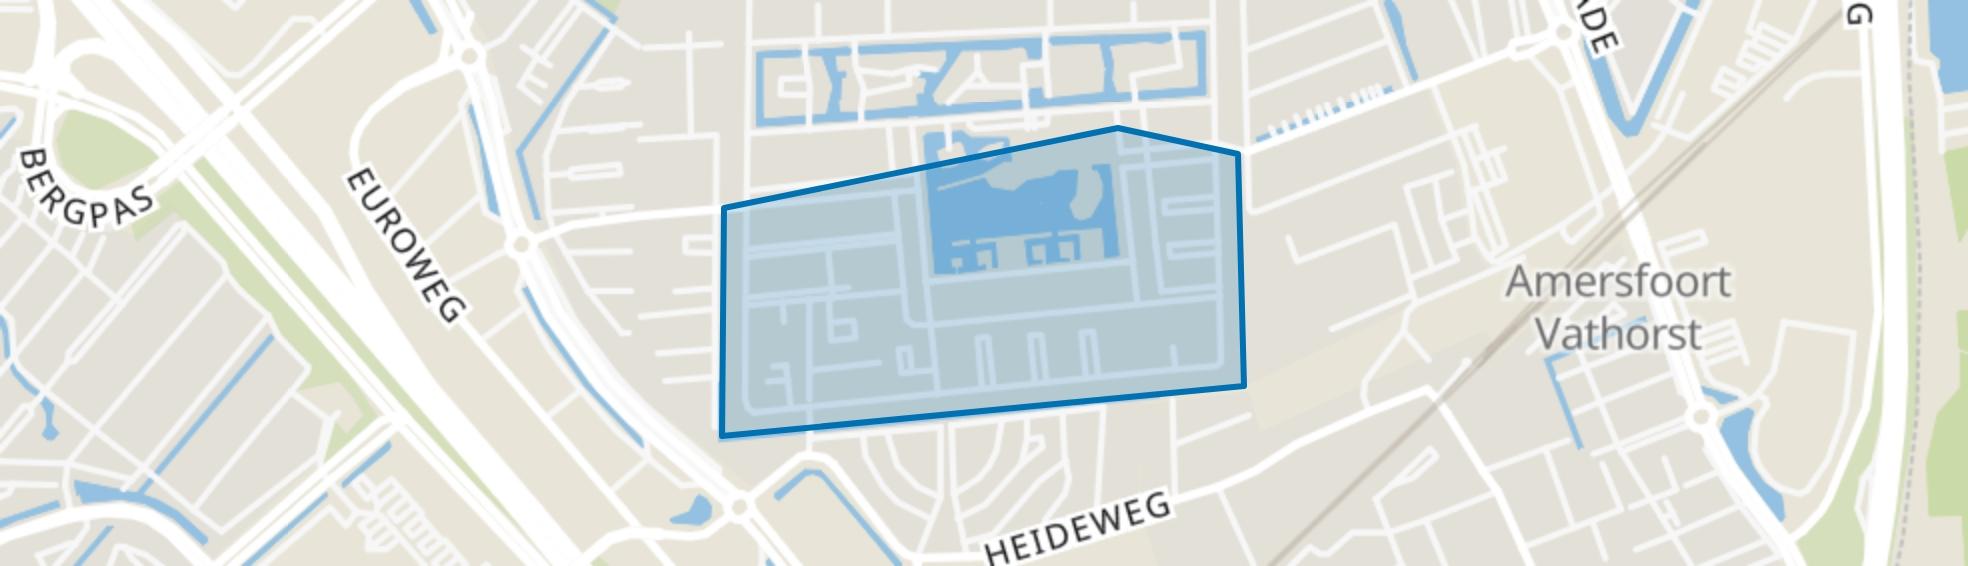 De Bron Zuid, Amersfoort map